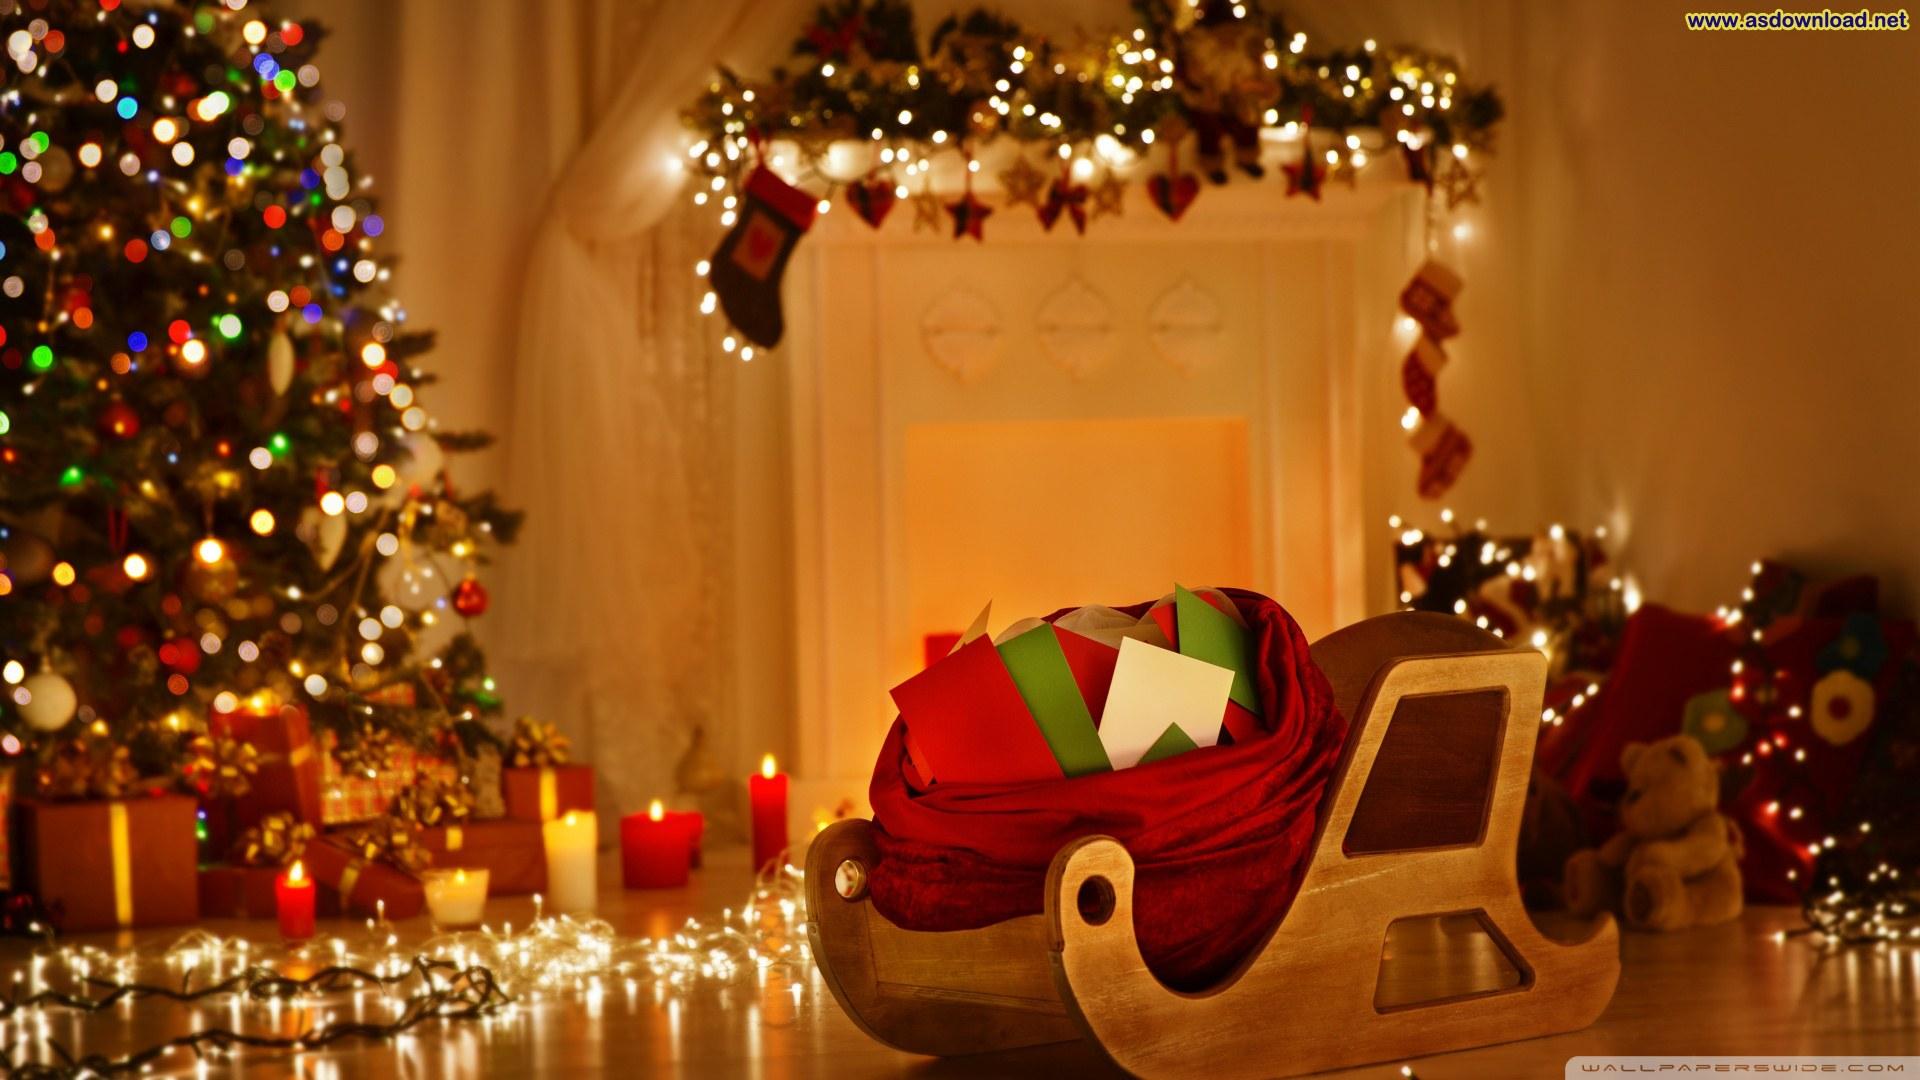 Photo of دانلود والپیپر کریسمس 2015 با کیفیت HD